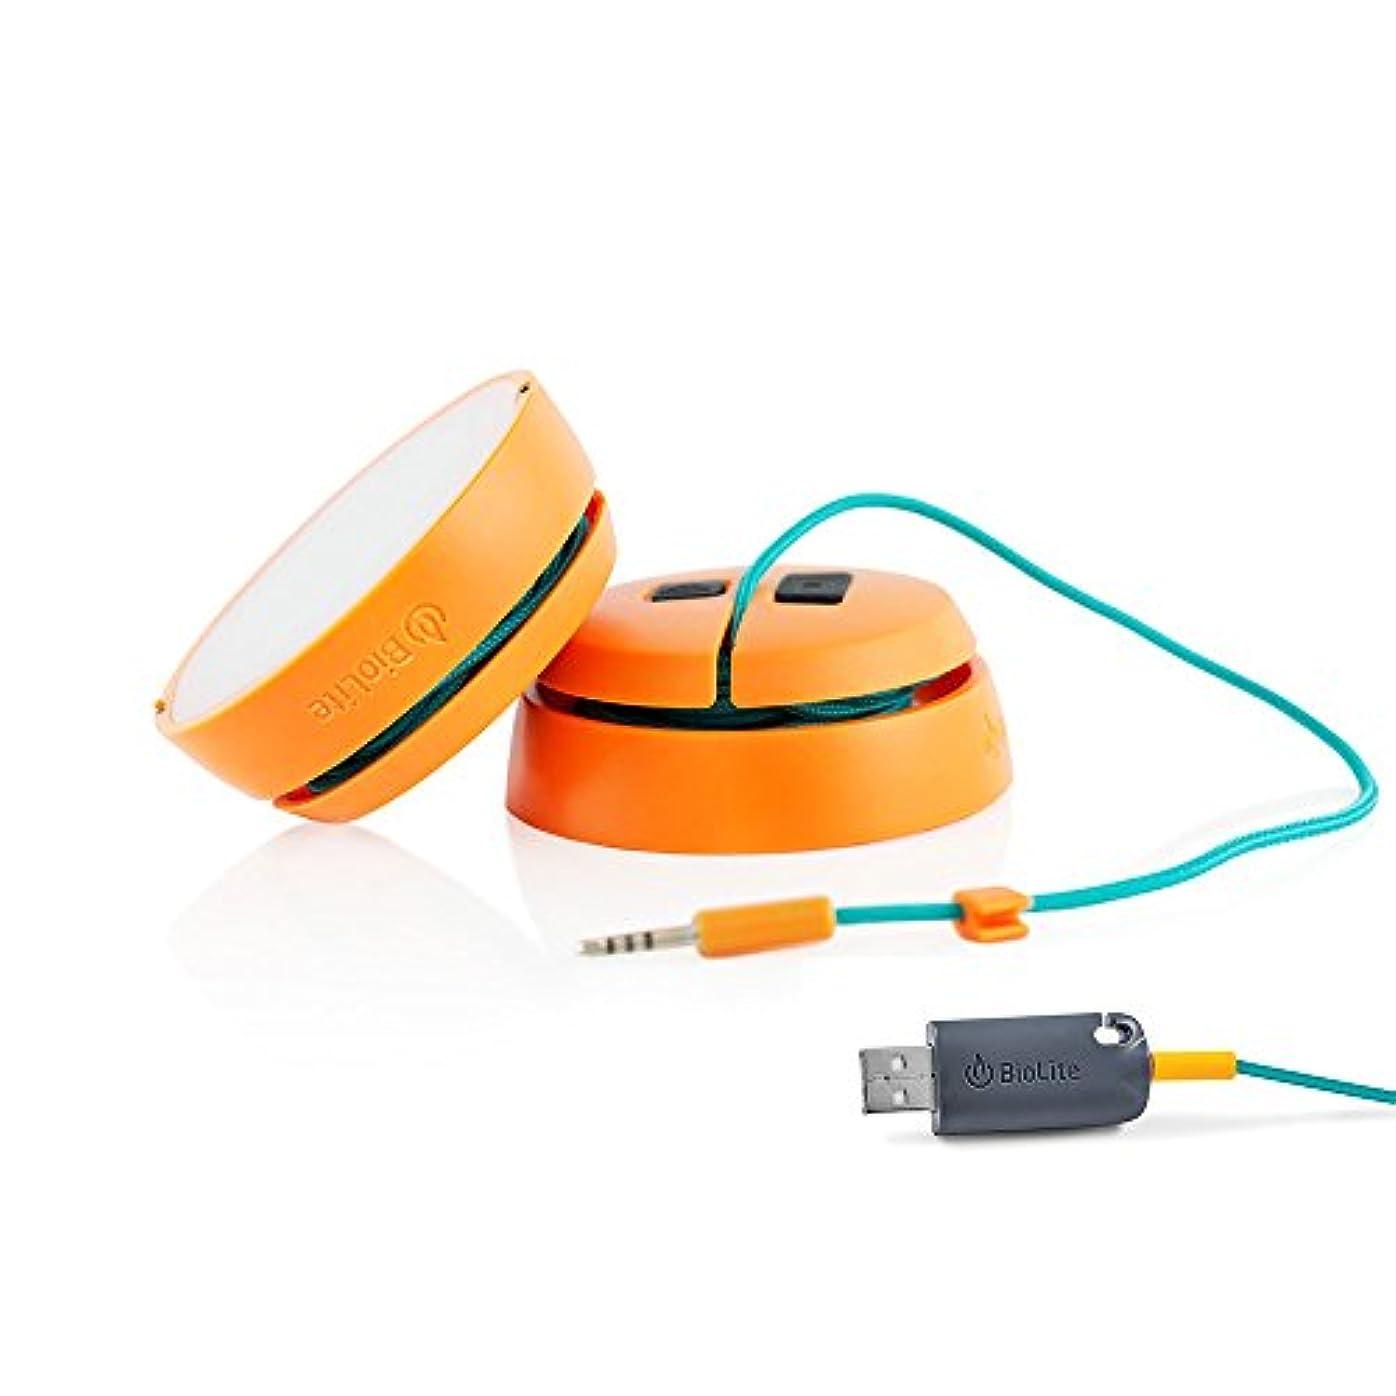 アシュリータファーマン進捗安いですBioLite(バイオライト) アウトドア LED サイトライト USBアダプター付き 1824249